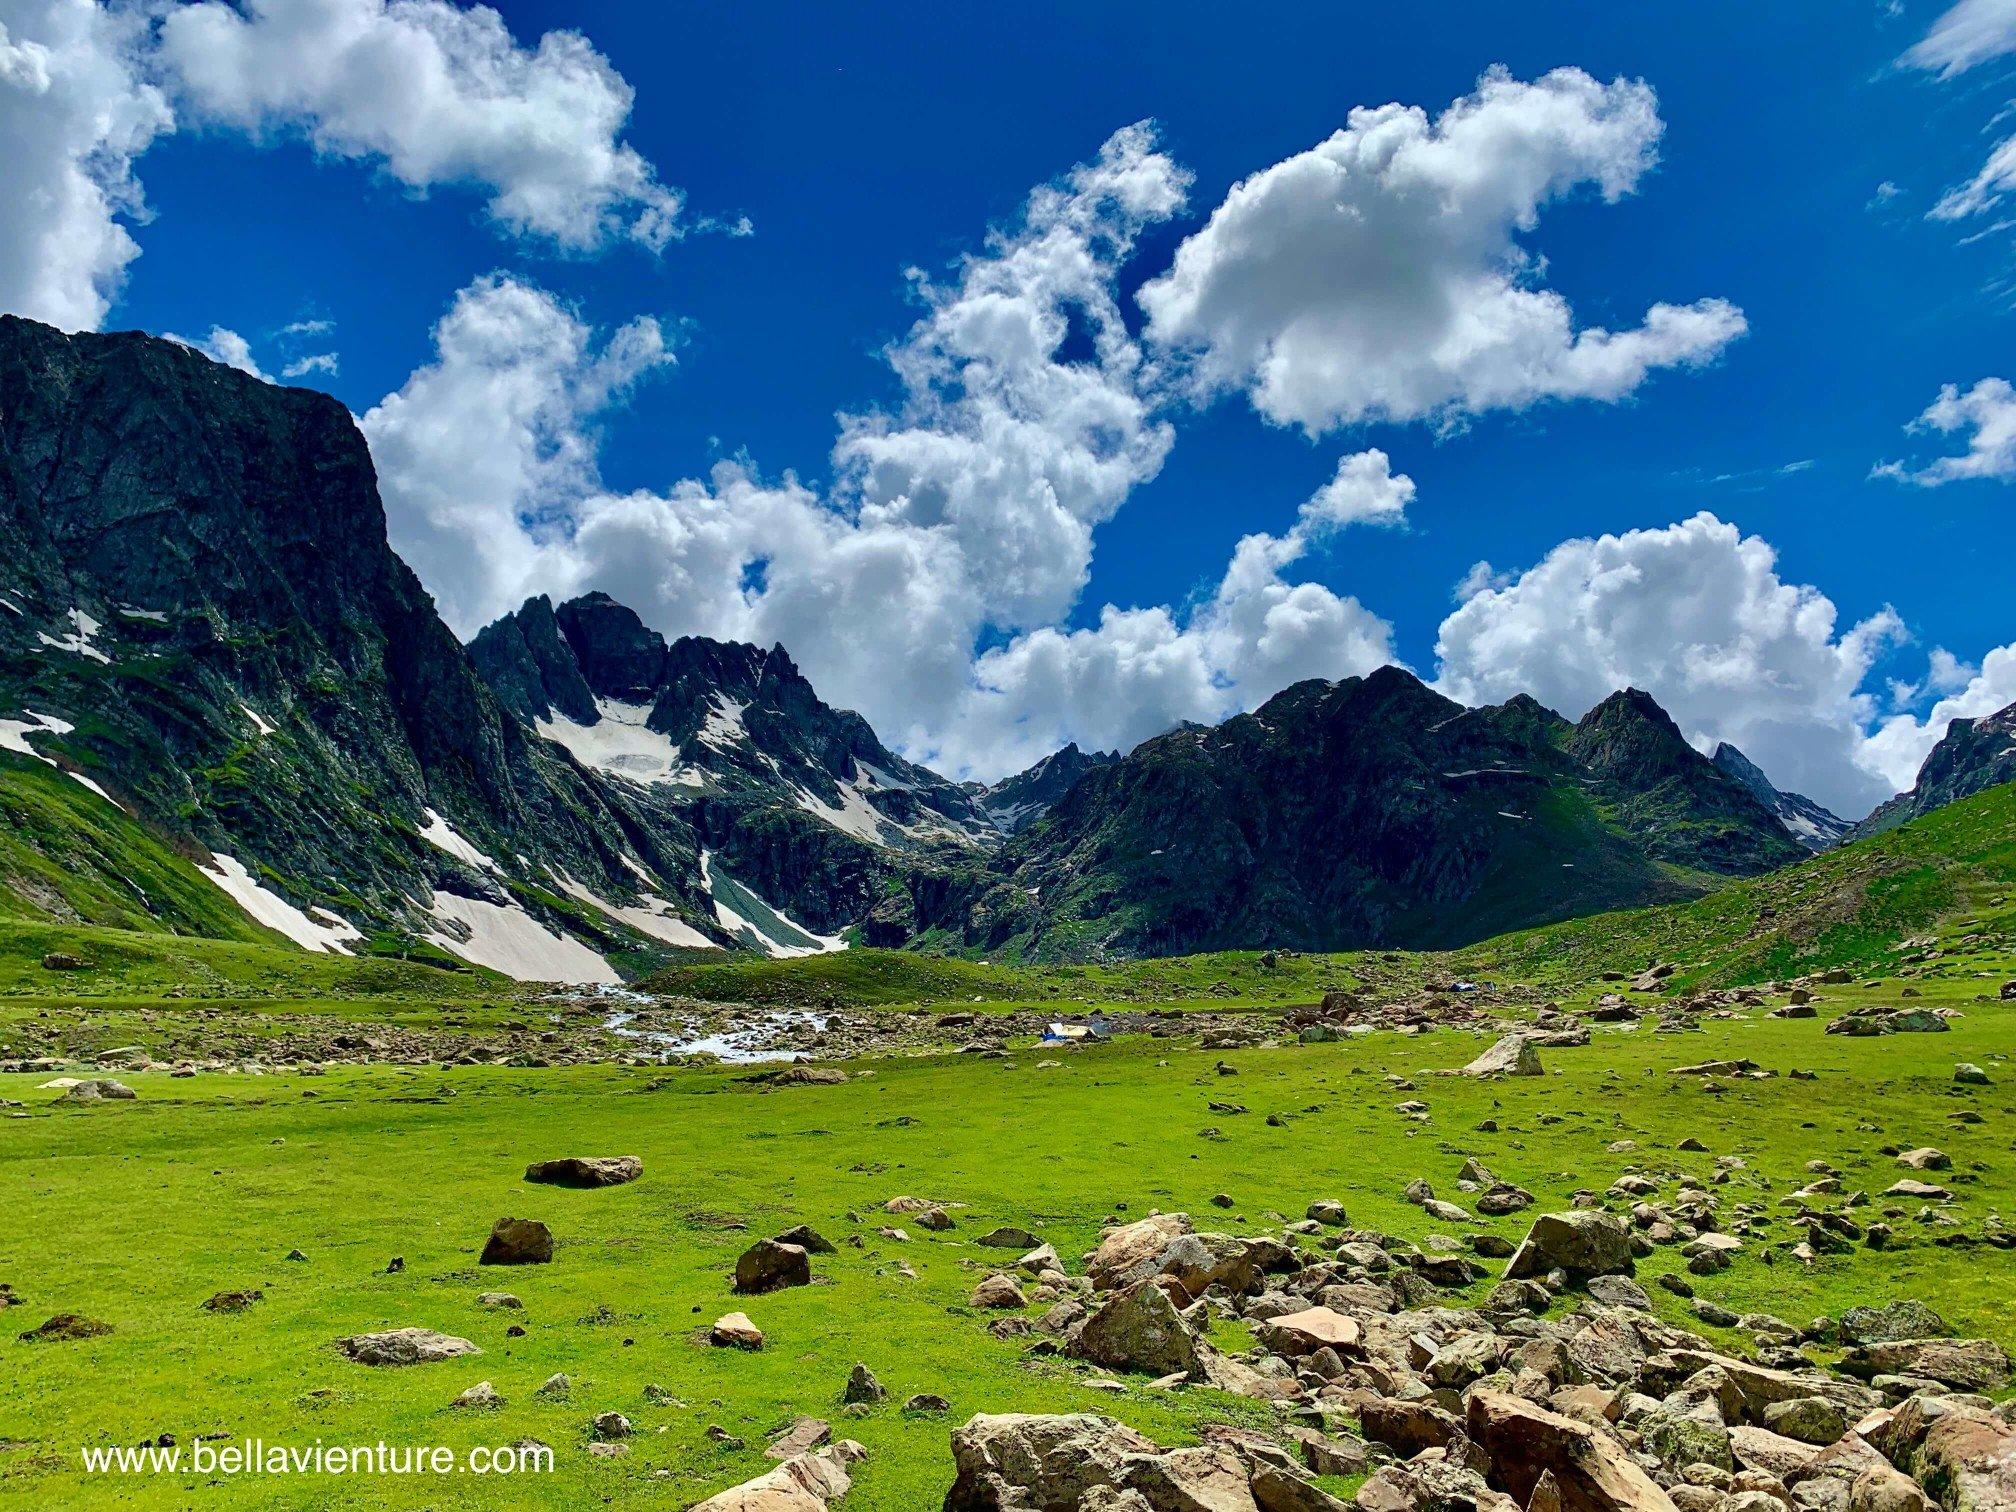 印度 India 北北印 North India 喀什米爾  Kashmir 八天七夜 健行 大自然 美景